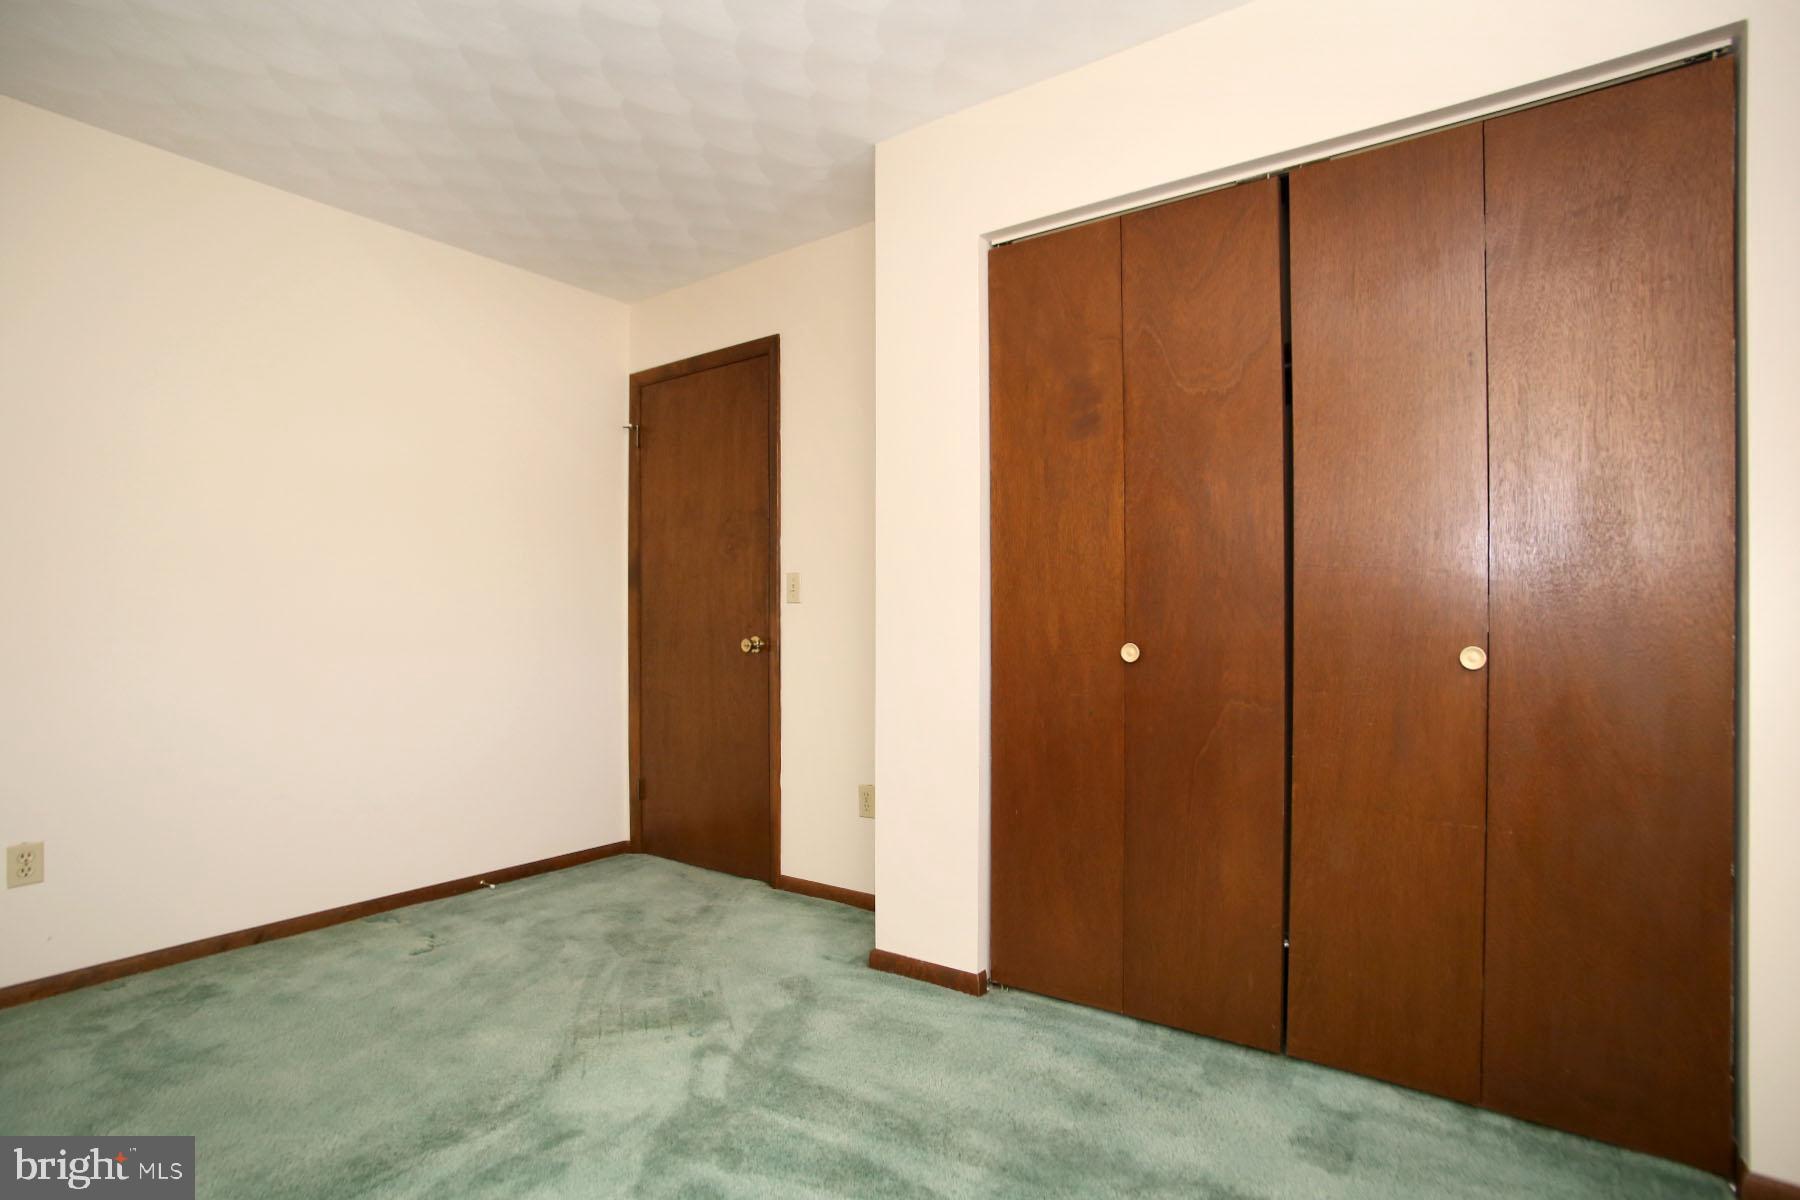 Bedroom 3 with double door closet